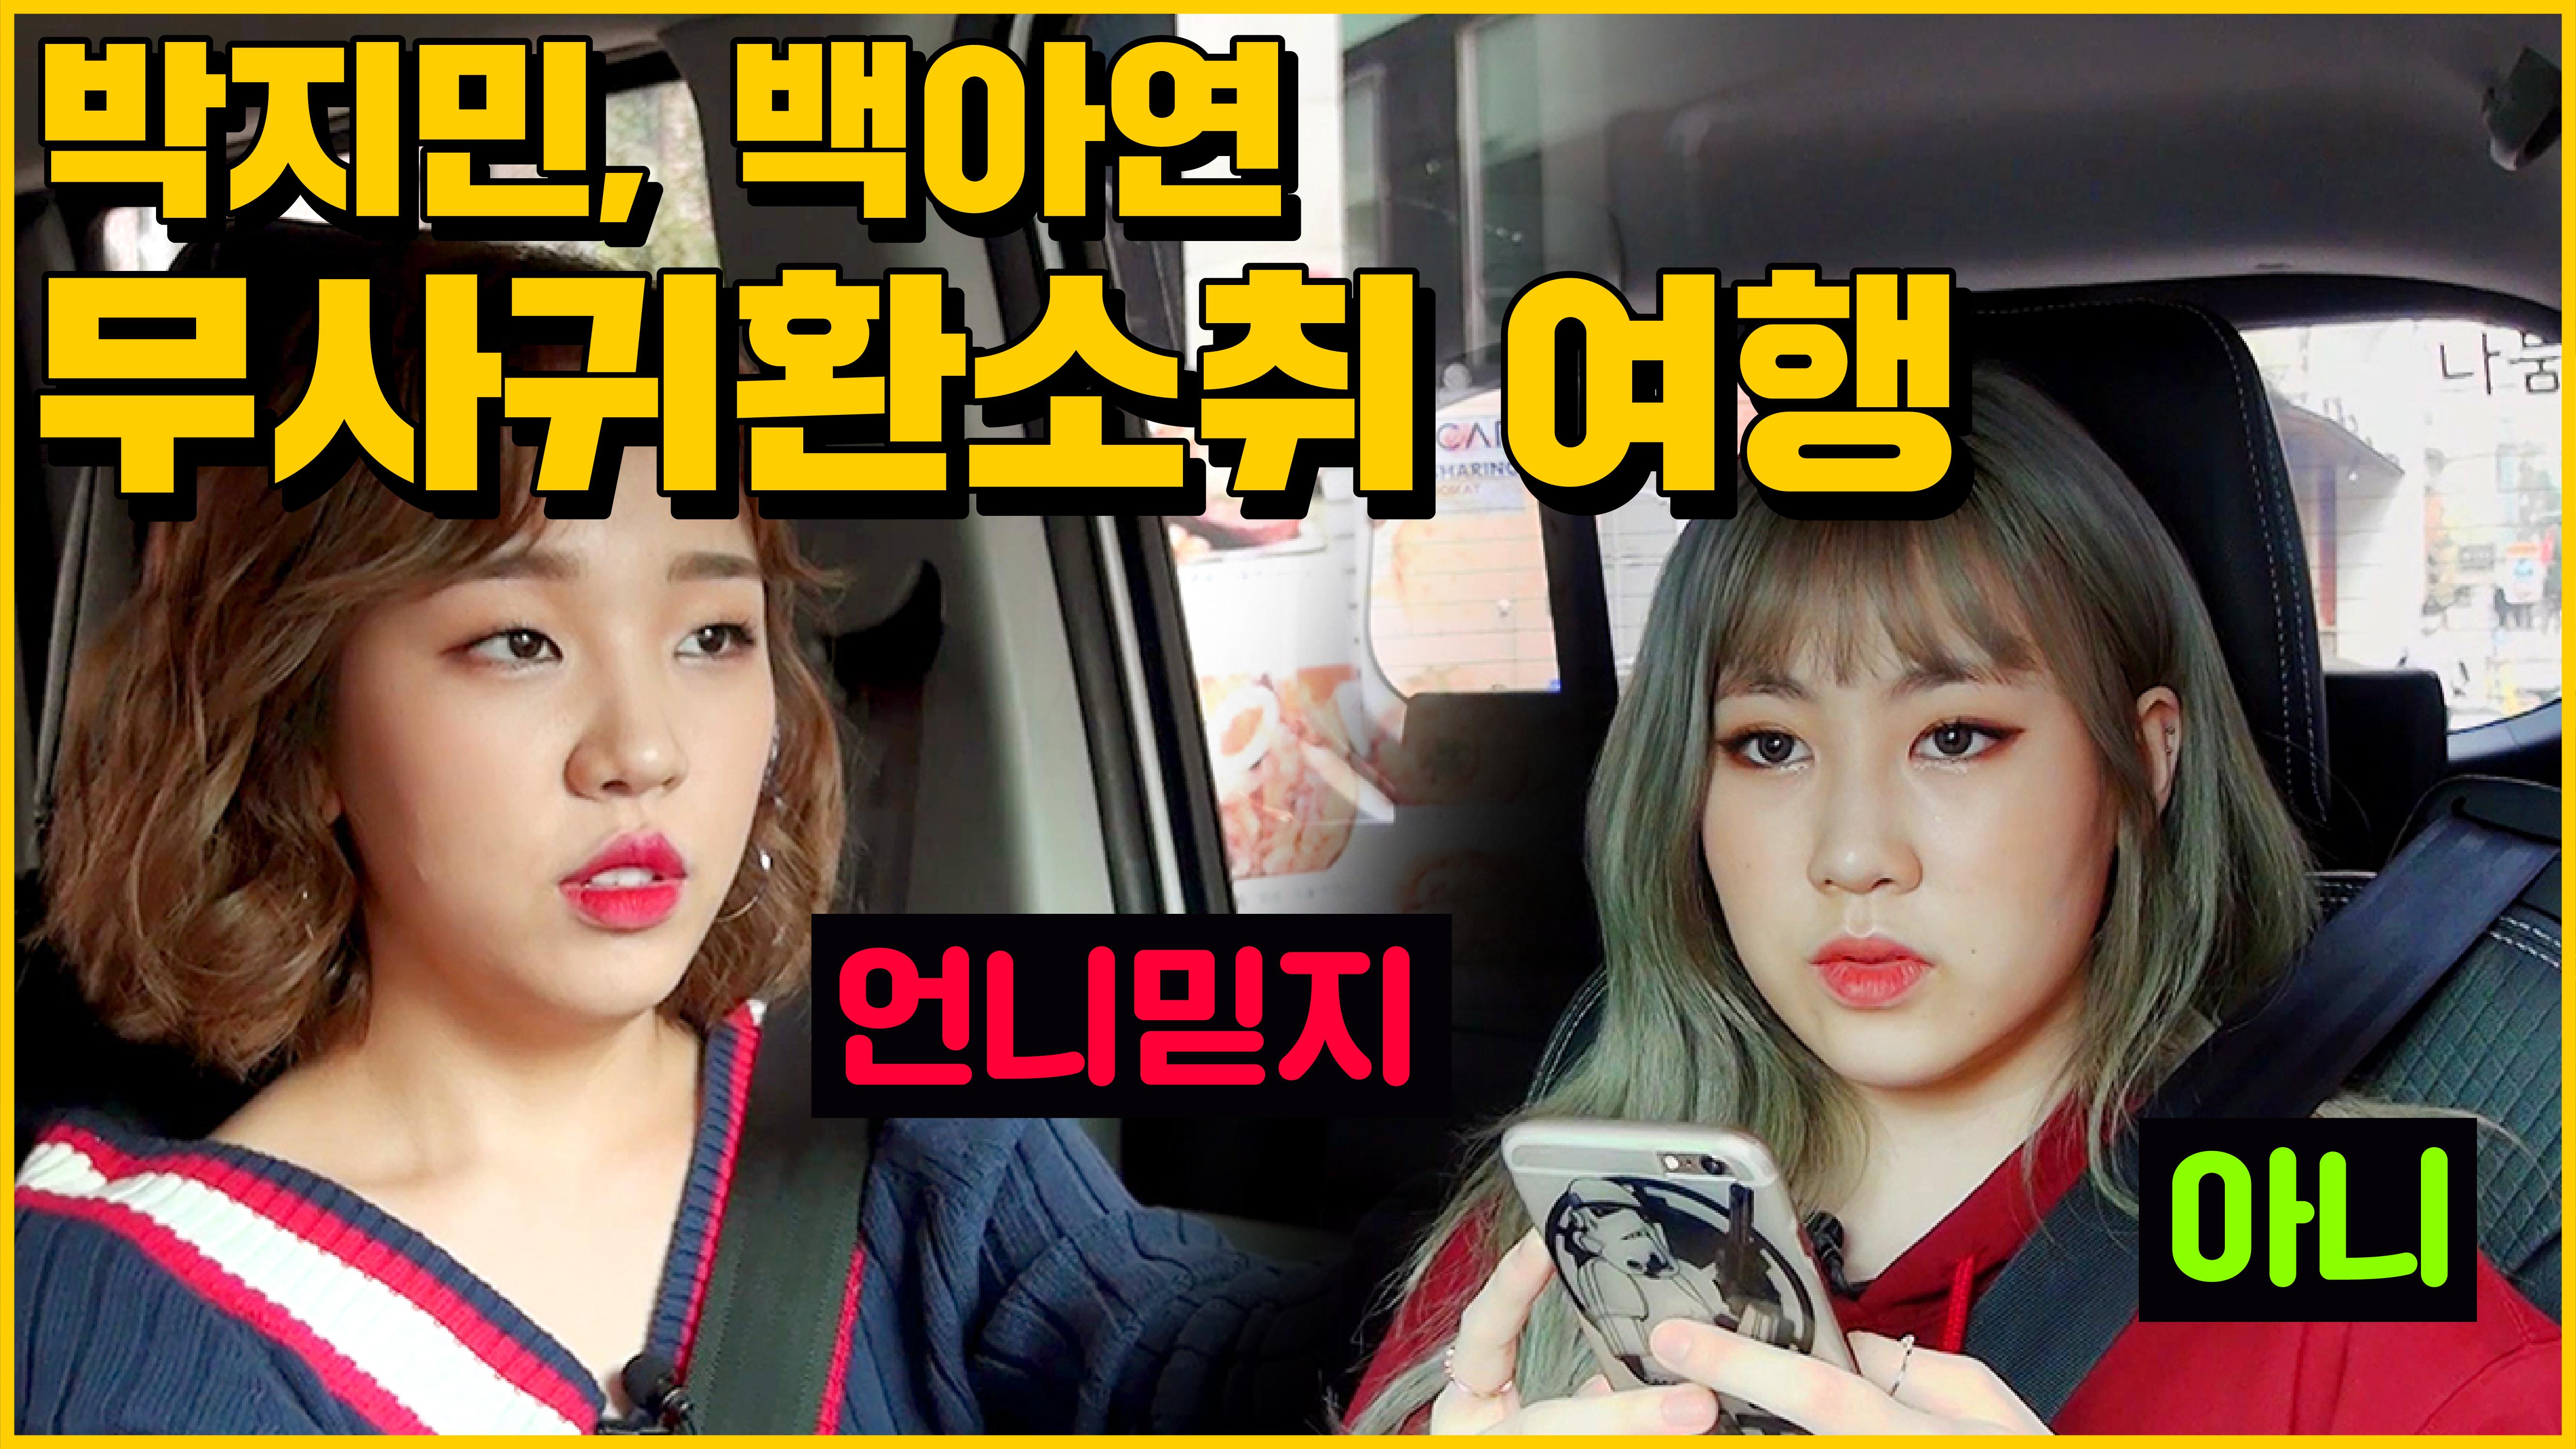 [매떠여 시즌3] Baek a yeon , Park ji min / Ep.01 백아연 박지민 차에서 이렇게 노래를 잘 부를 일?